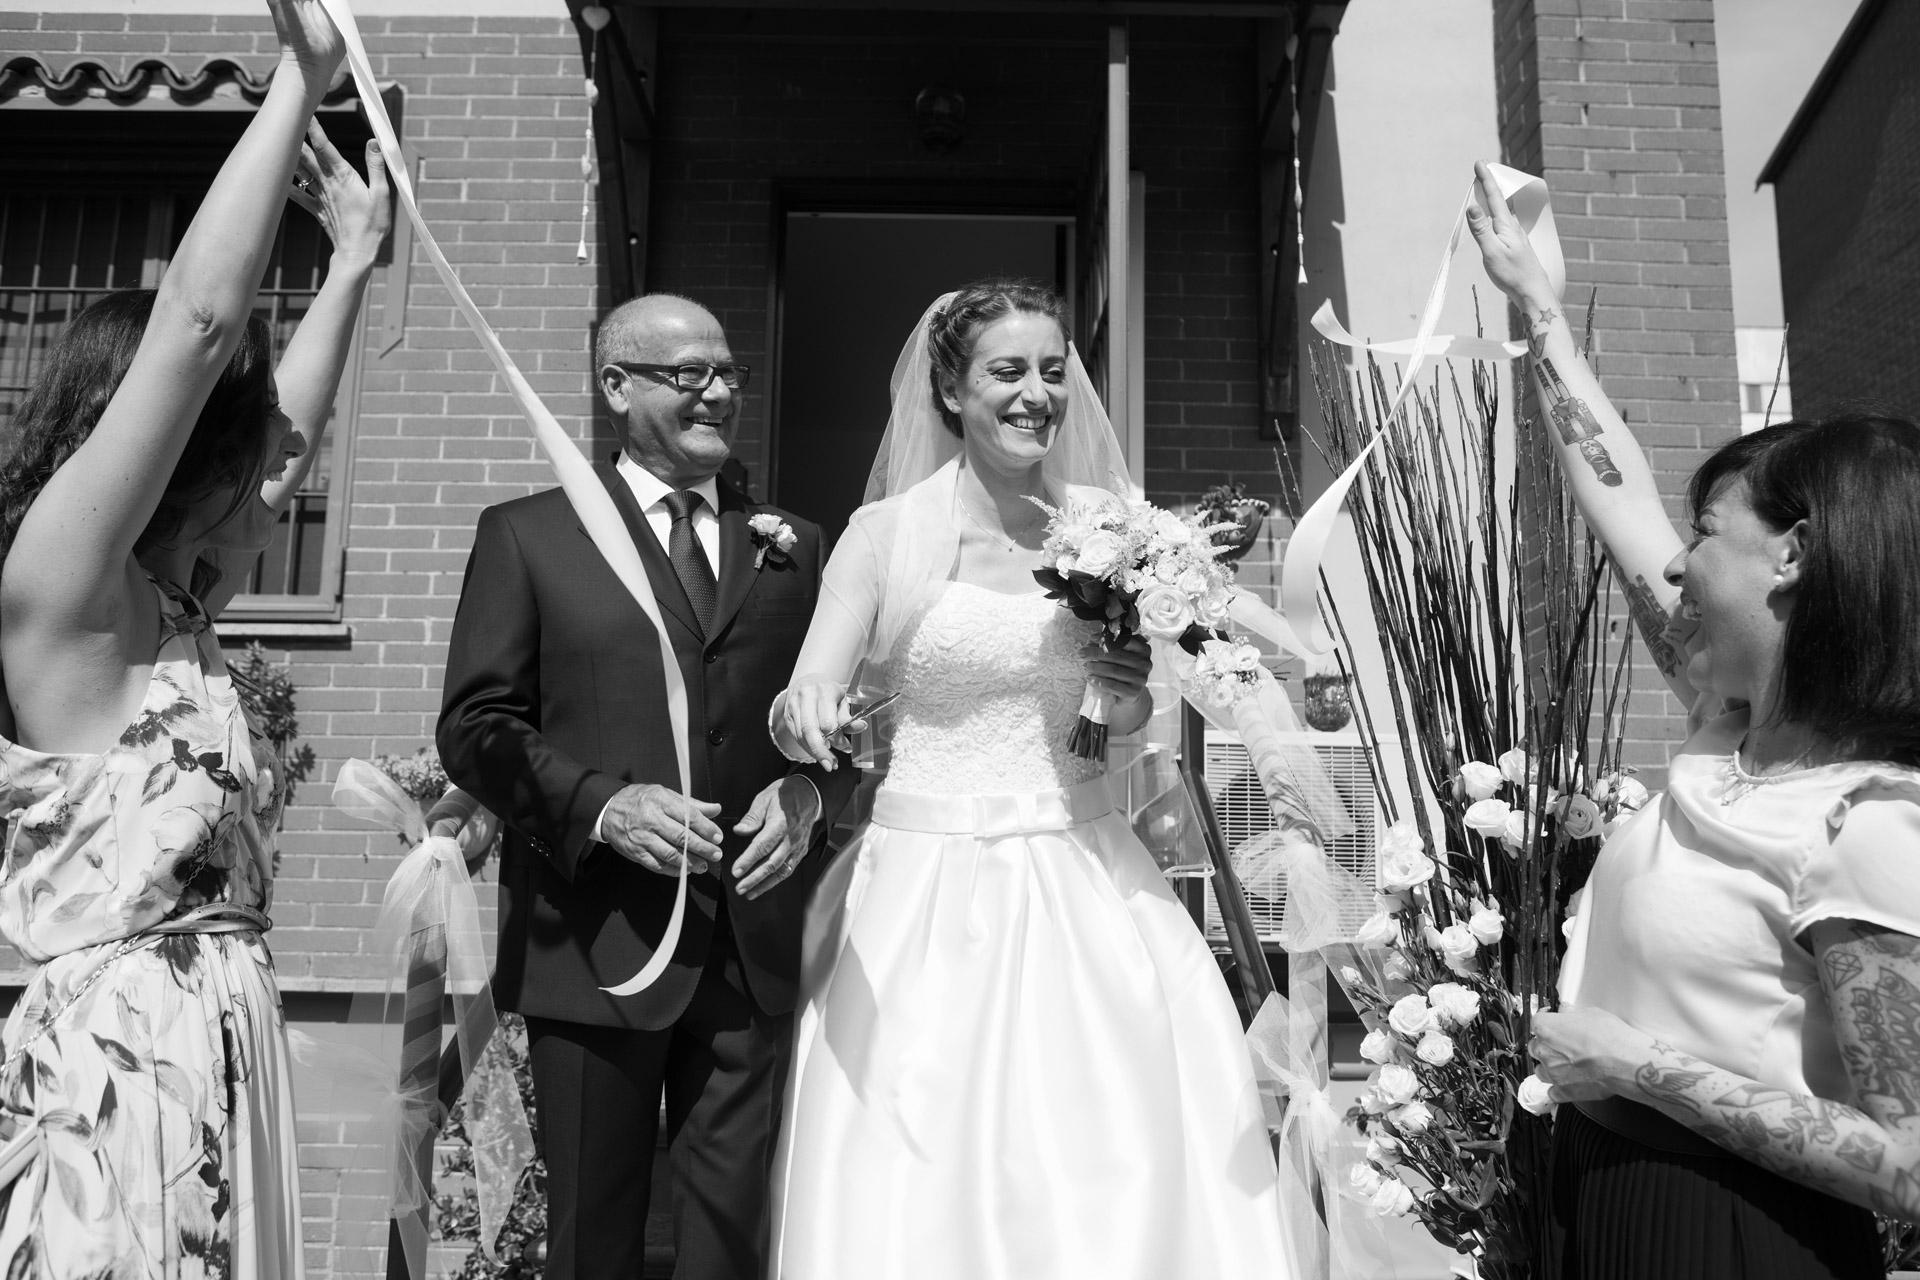 taglio del nastro della sposa